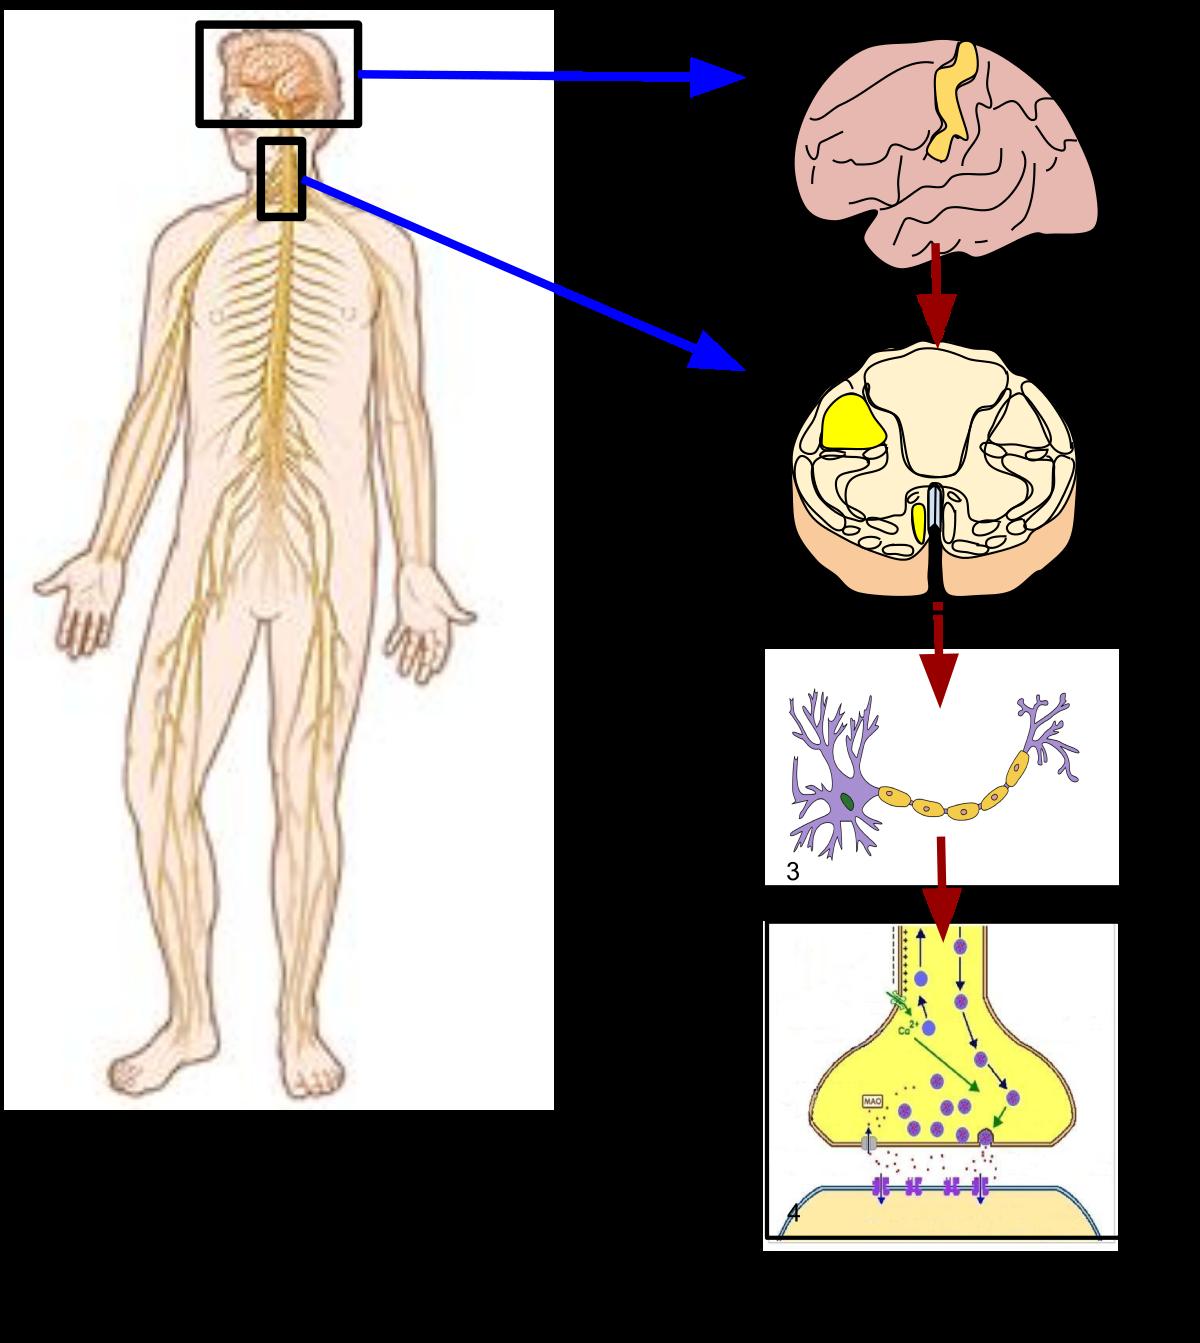 Иллюстрация того, как нервы проходят через тело